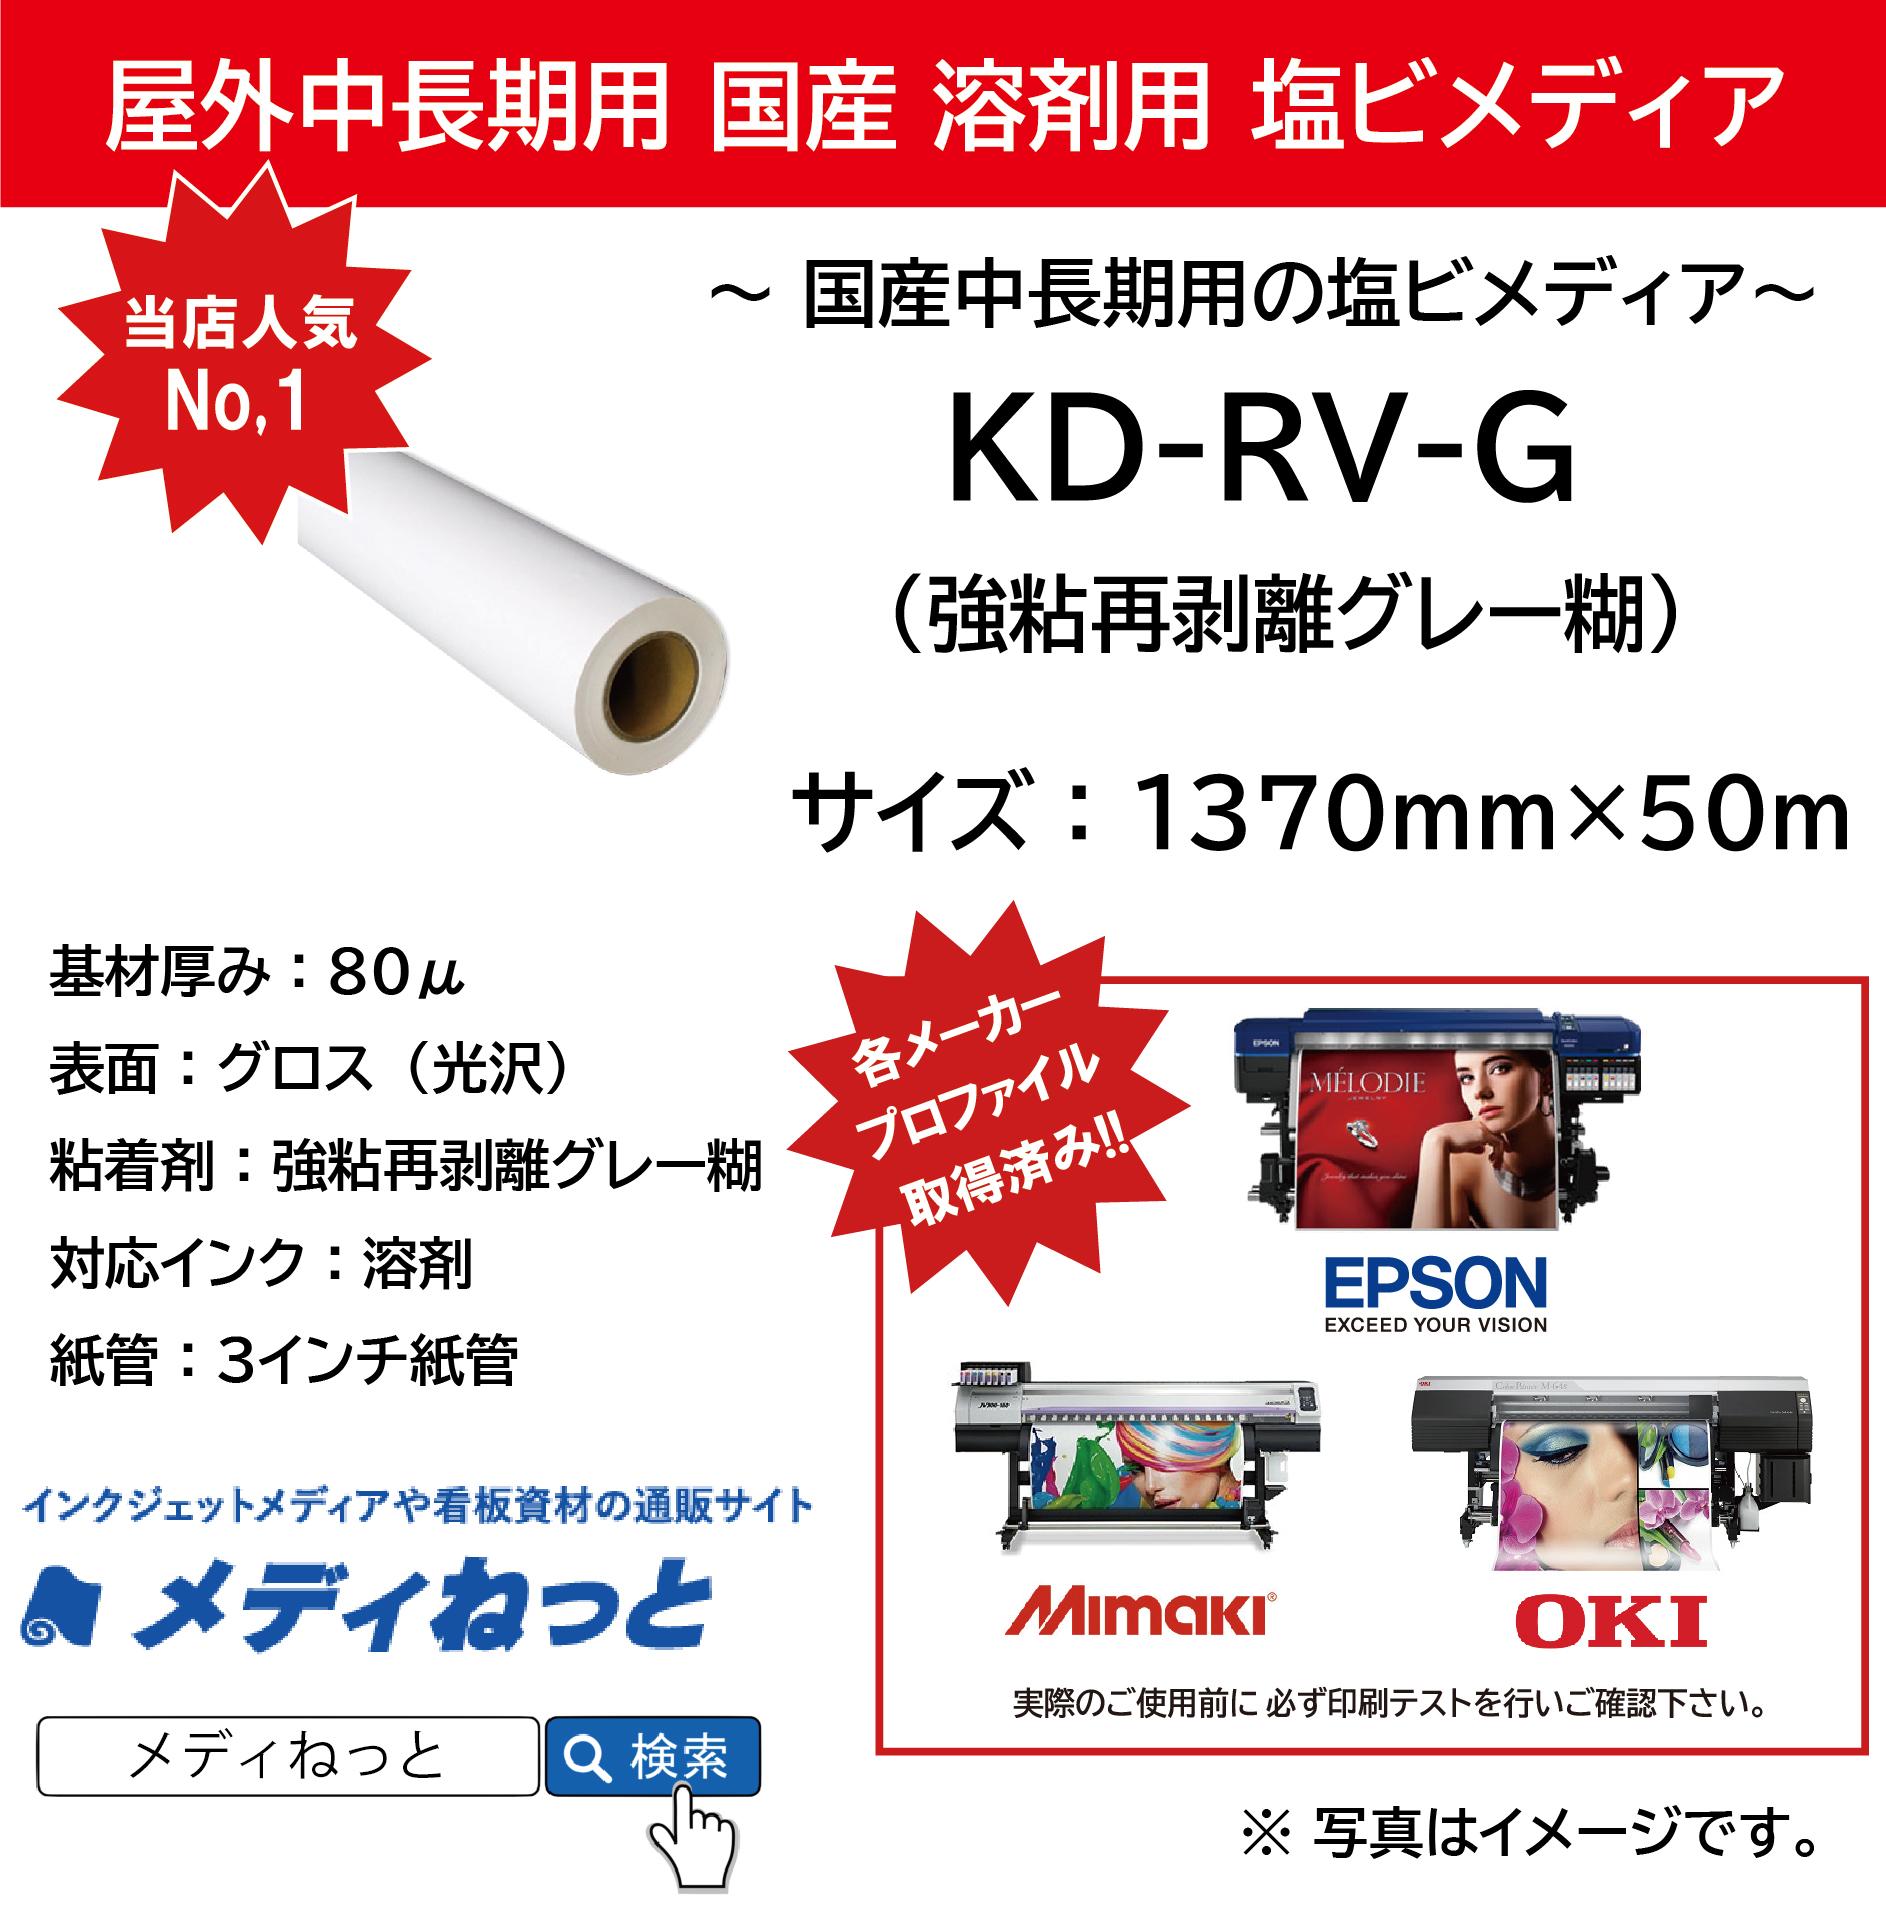 国産中長期グロス塩ビ KD-RV-G(強粘再剥離グレー糊) 1370mm×50m